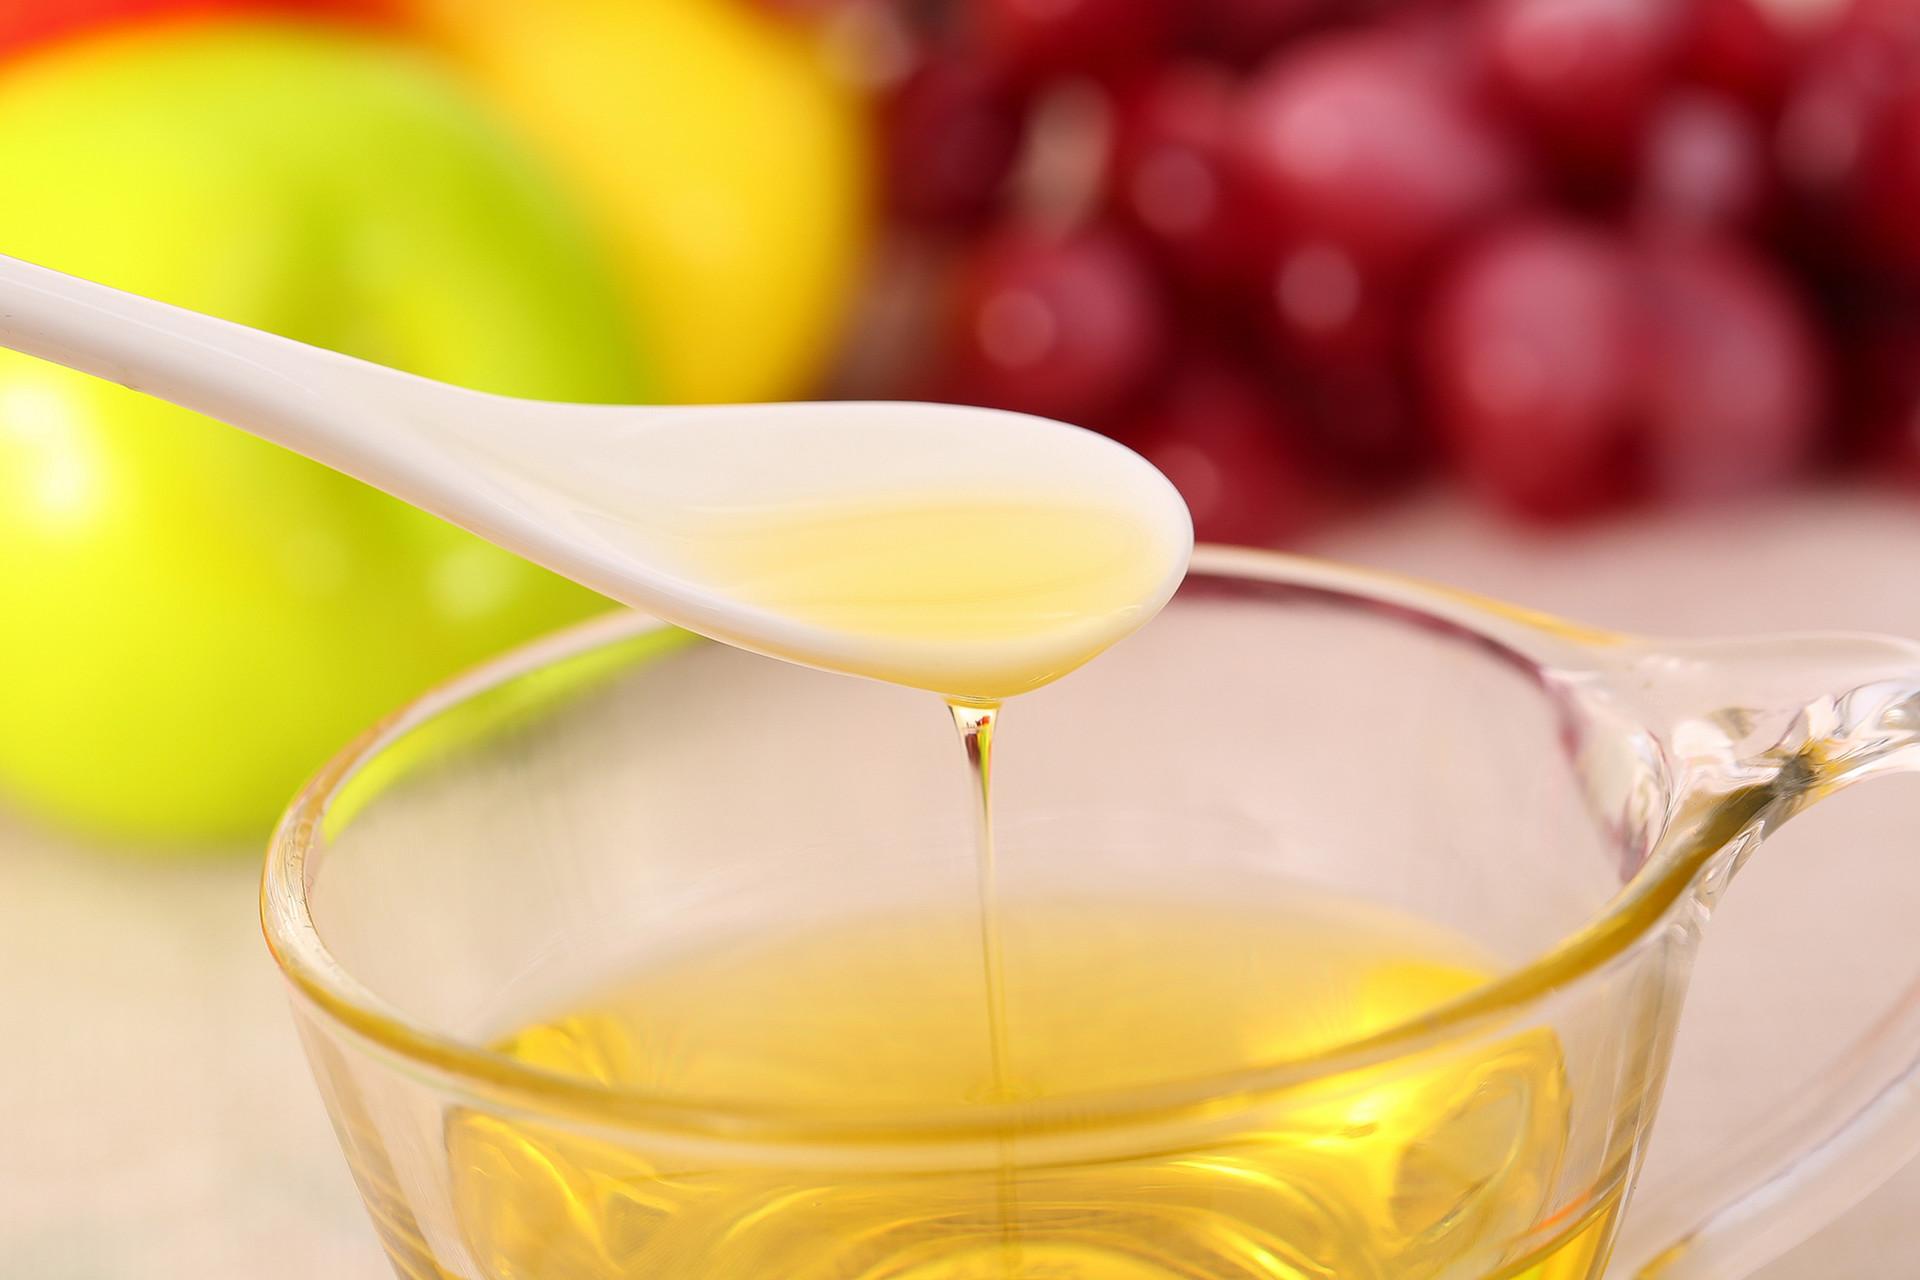 营养素、生物活性物质、益生菌、膳食纤维、益生元等